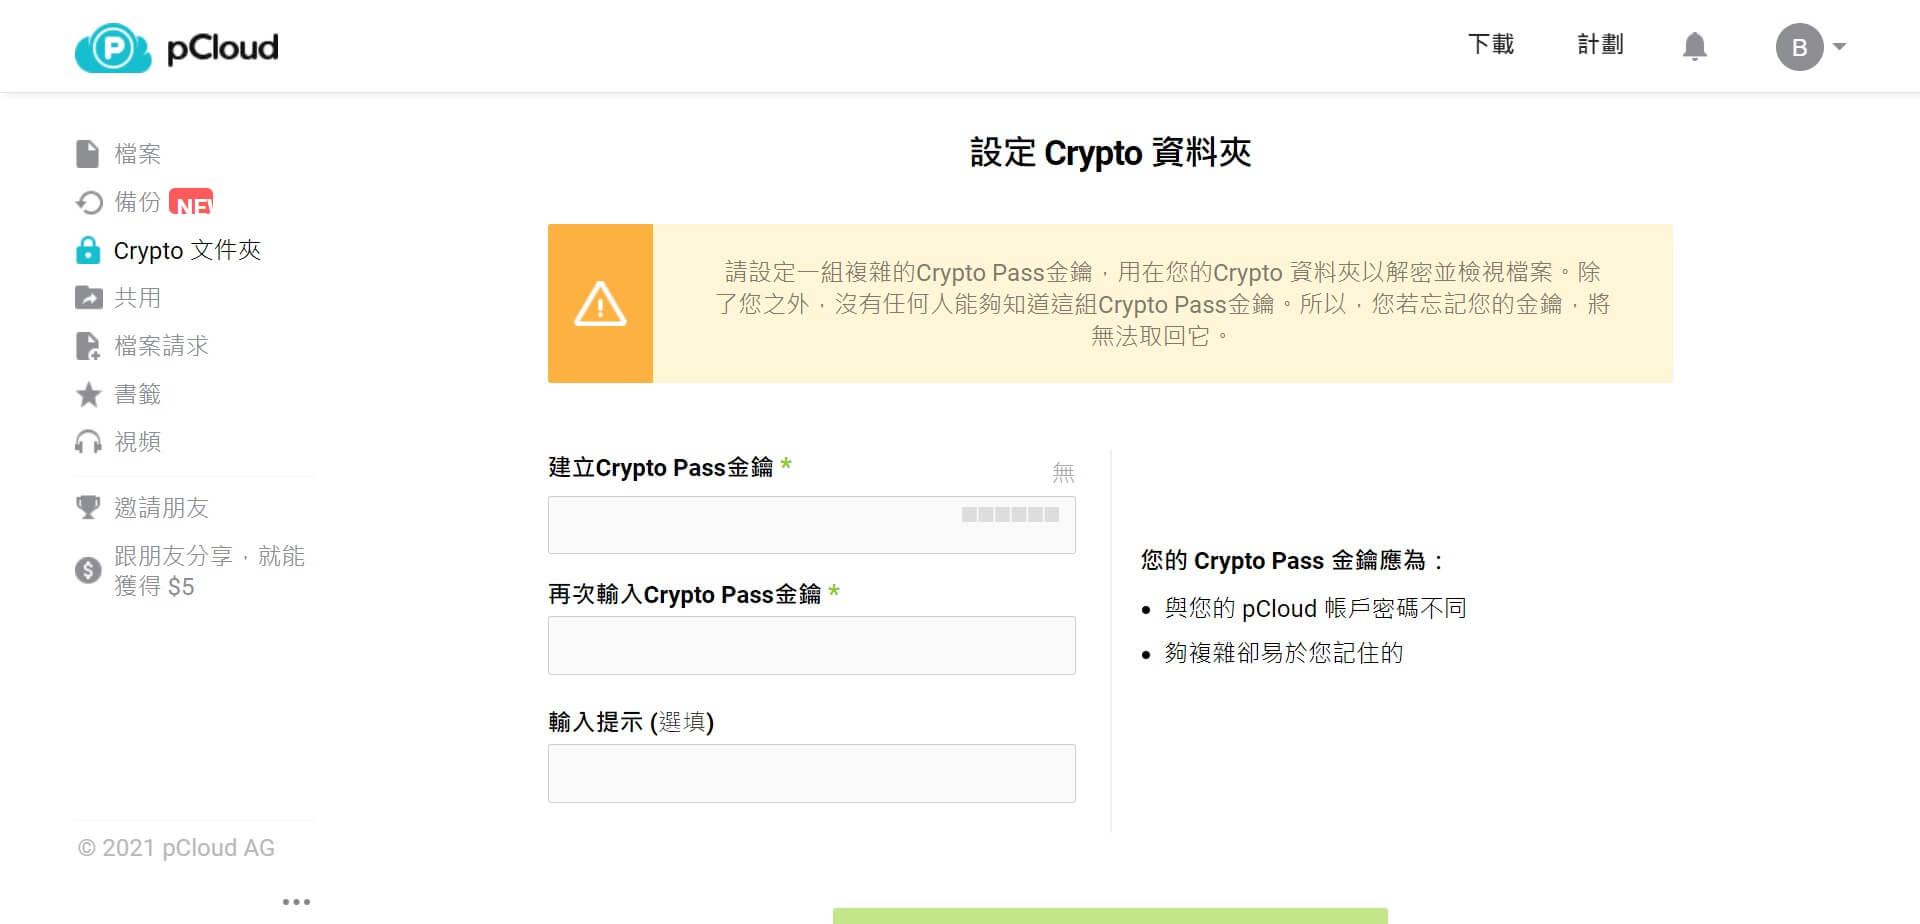 設定crypto資料夾金鑰